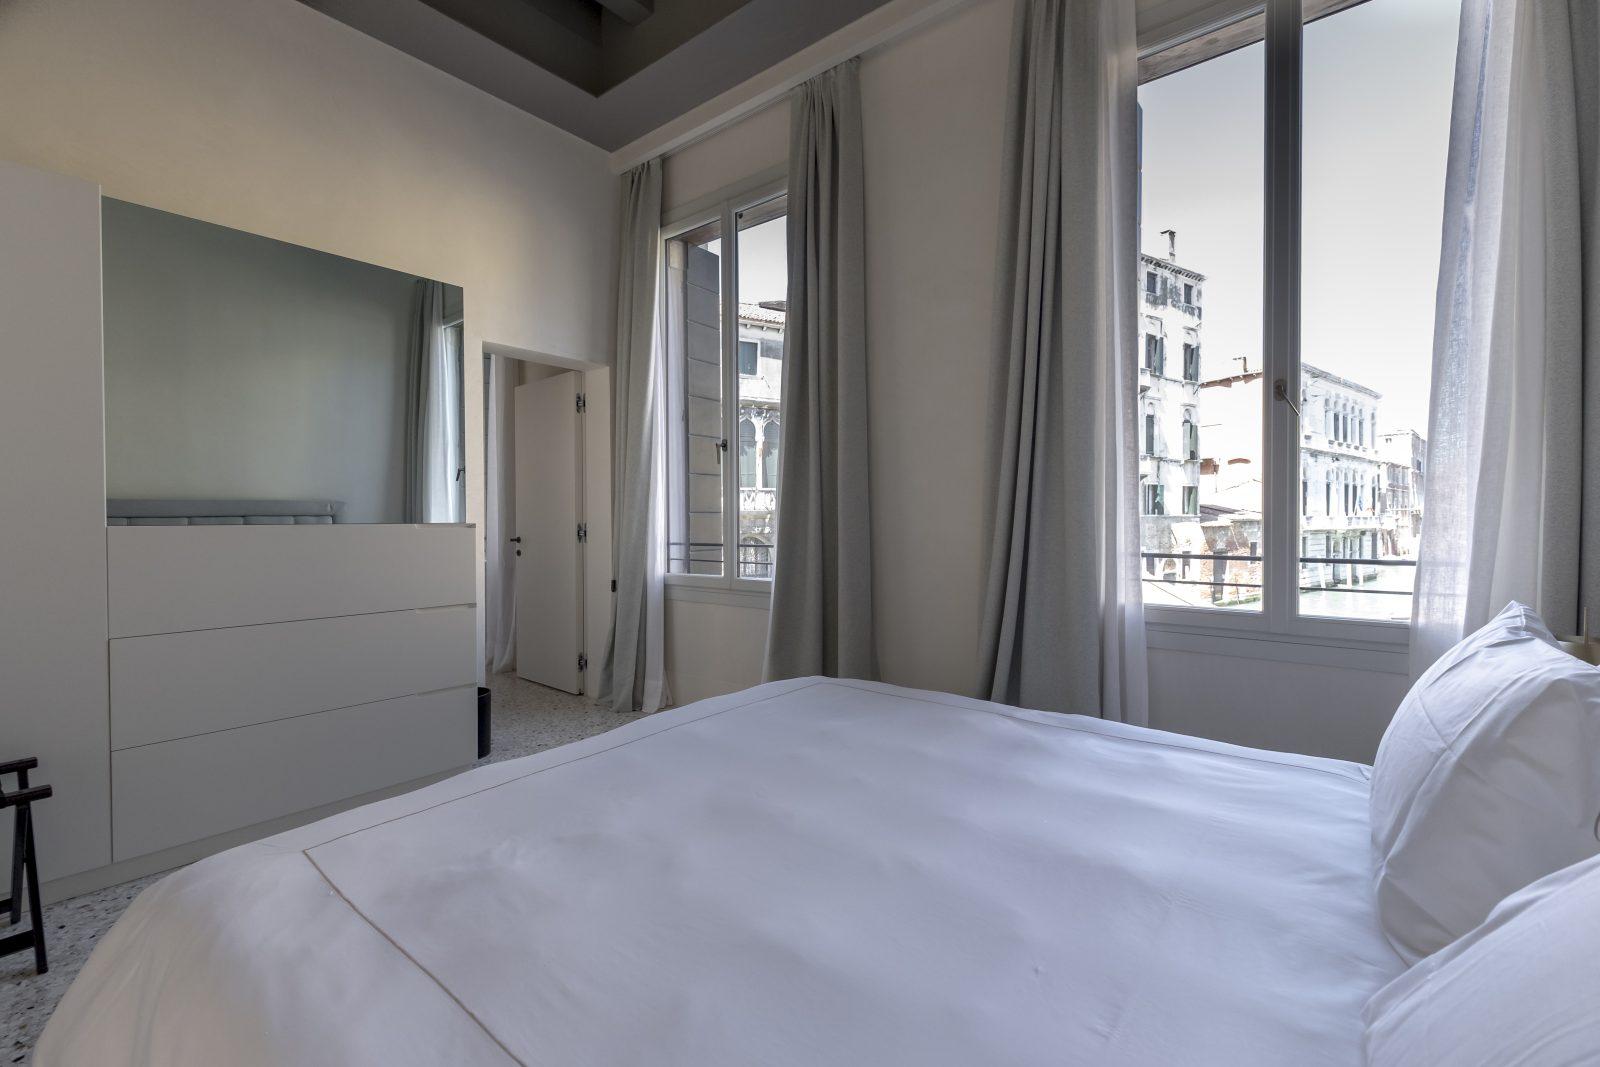 camera-vista-venezia-finestre-appartamento-coriandolo-lenzuola-tessuto-pregio-bianco-design-palazzo-morosini